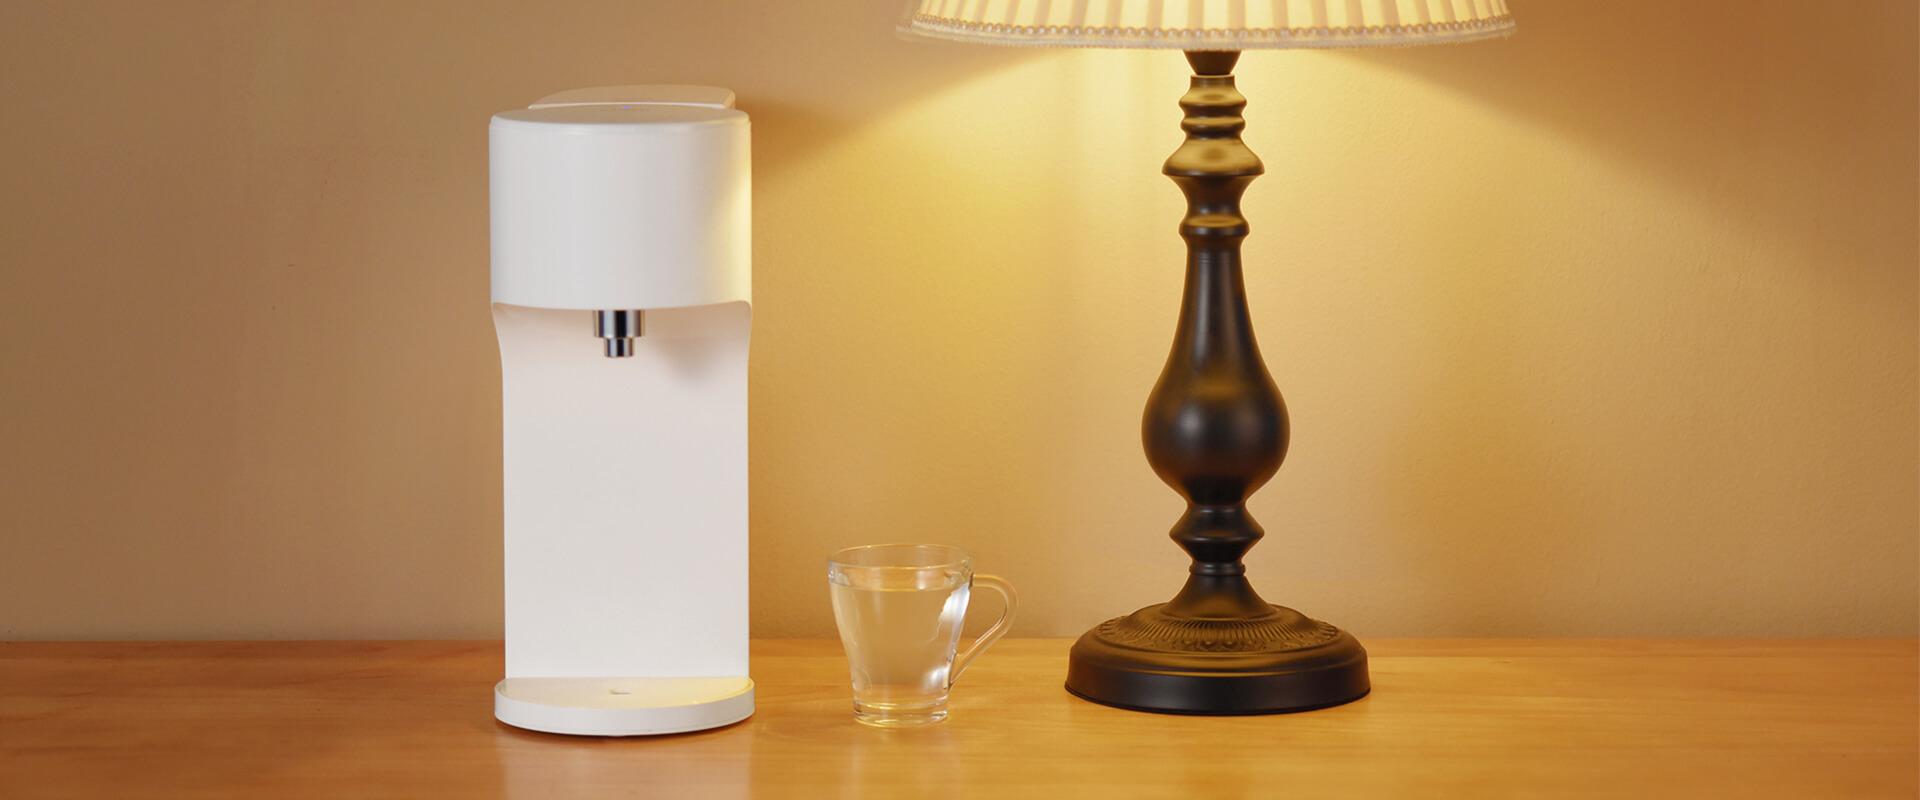 instant hot water dispenser kitchen